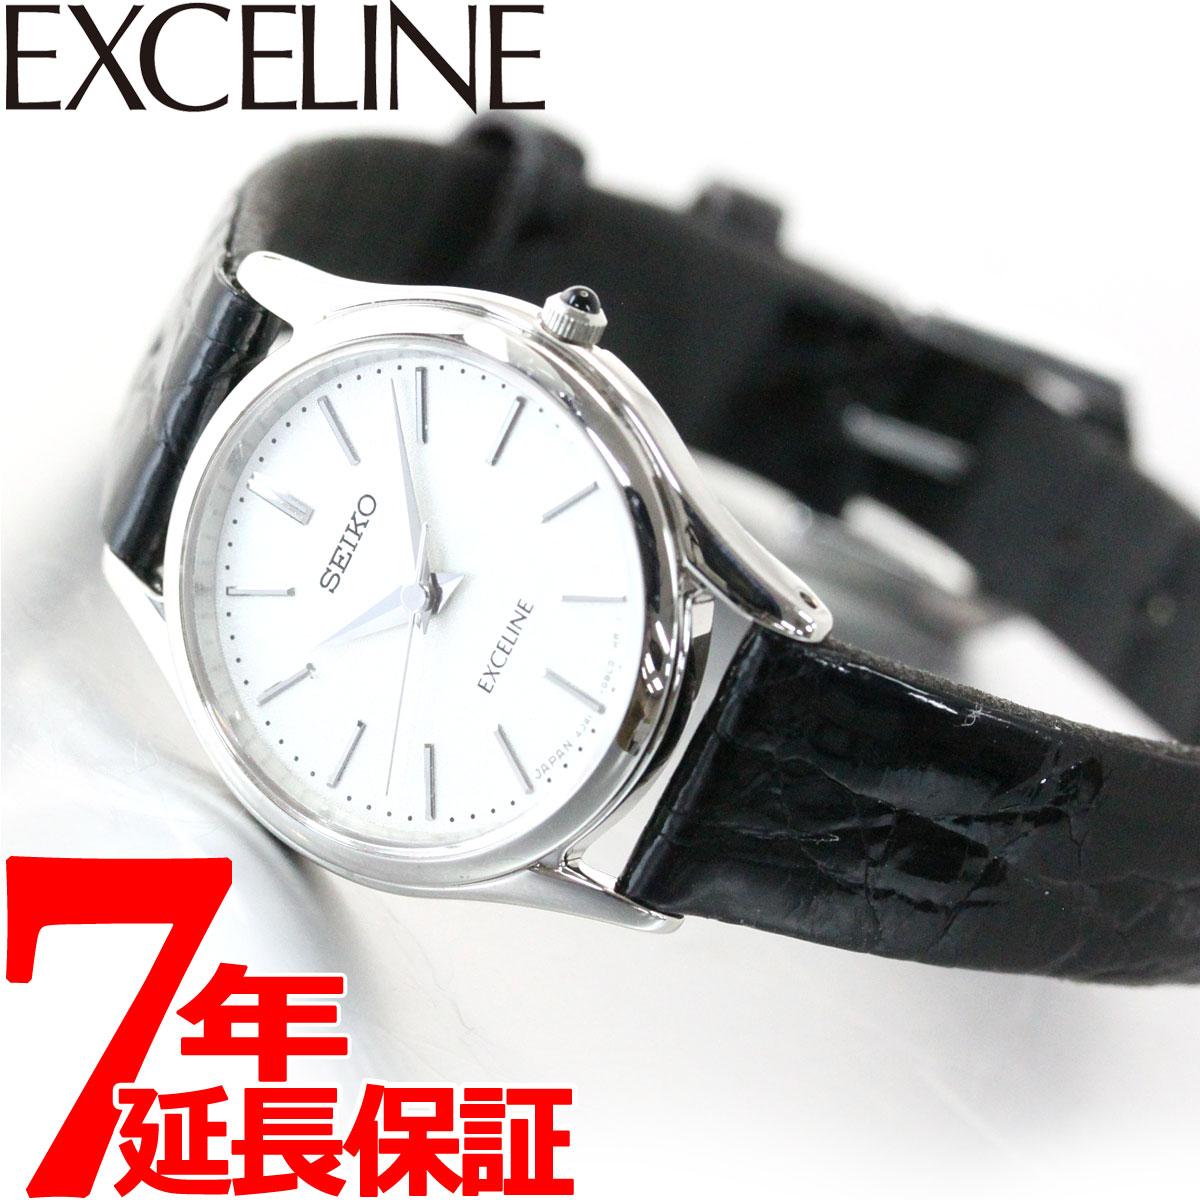 腕時計, ペアウォッチ 2502000OFF51252359 SEIKO EXCELINE SWDL209